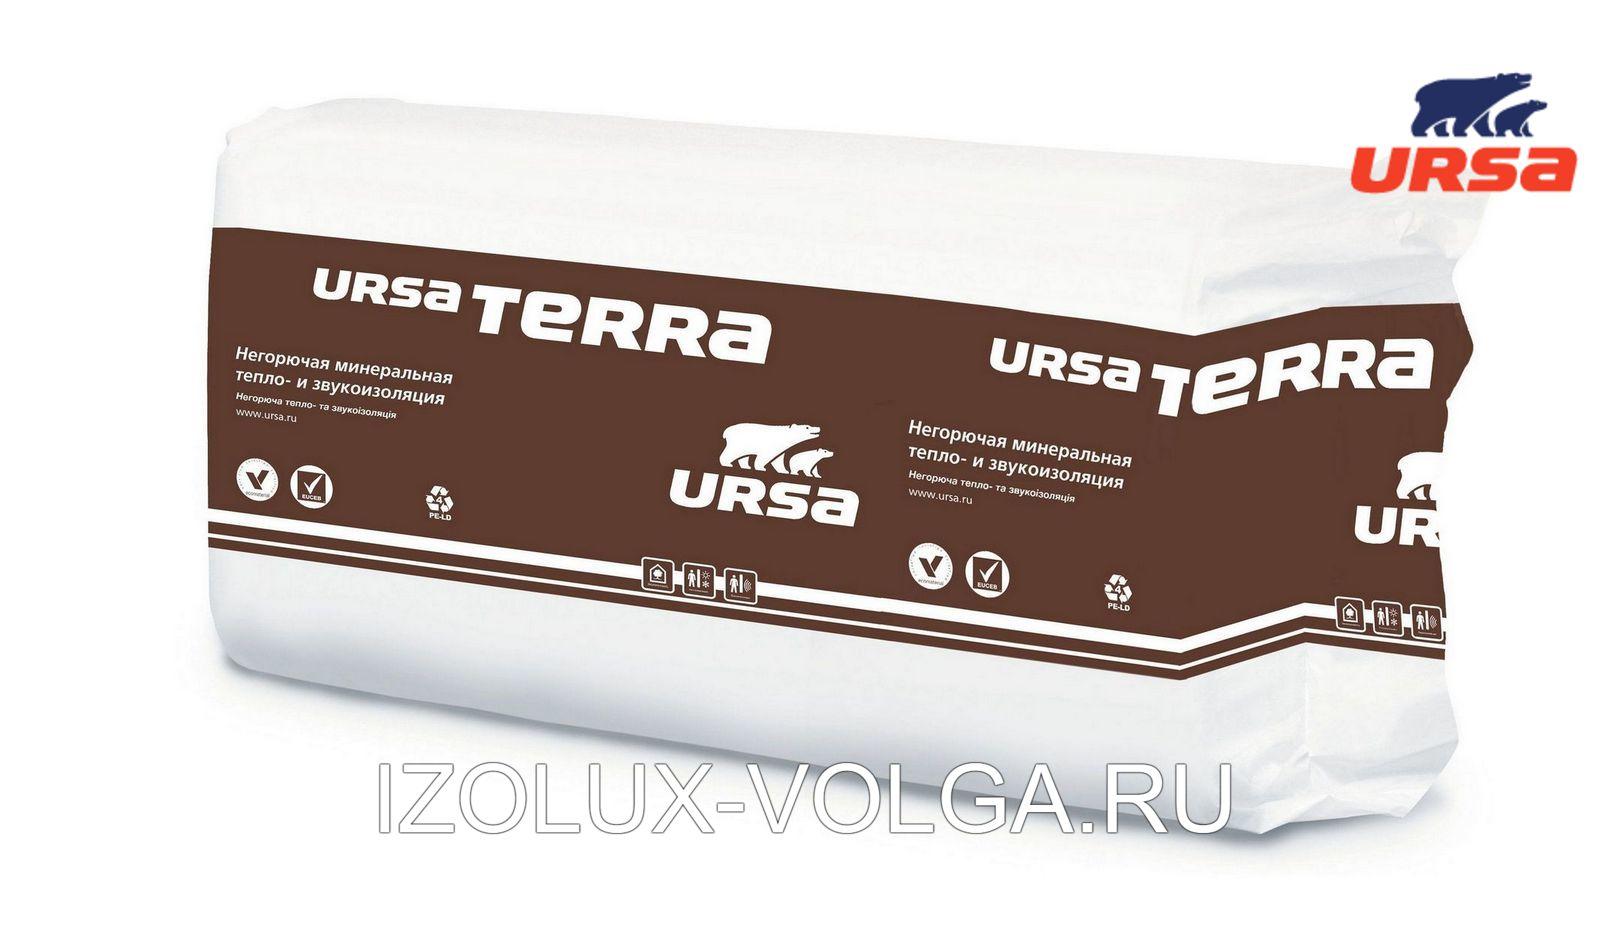 Утеплитель URSA TERRA 34 PN PRO 1250х610х100мм 12 плит